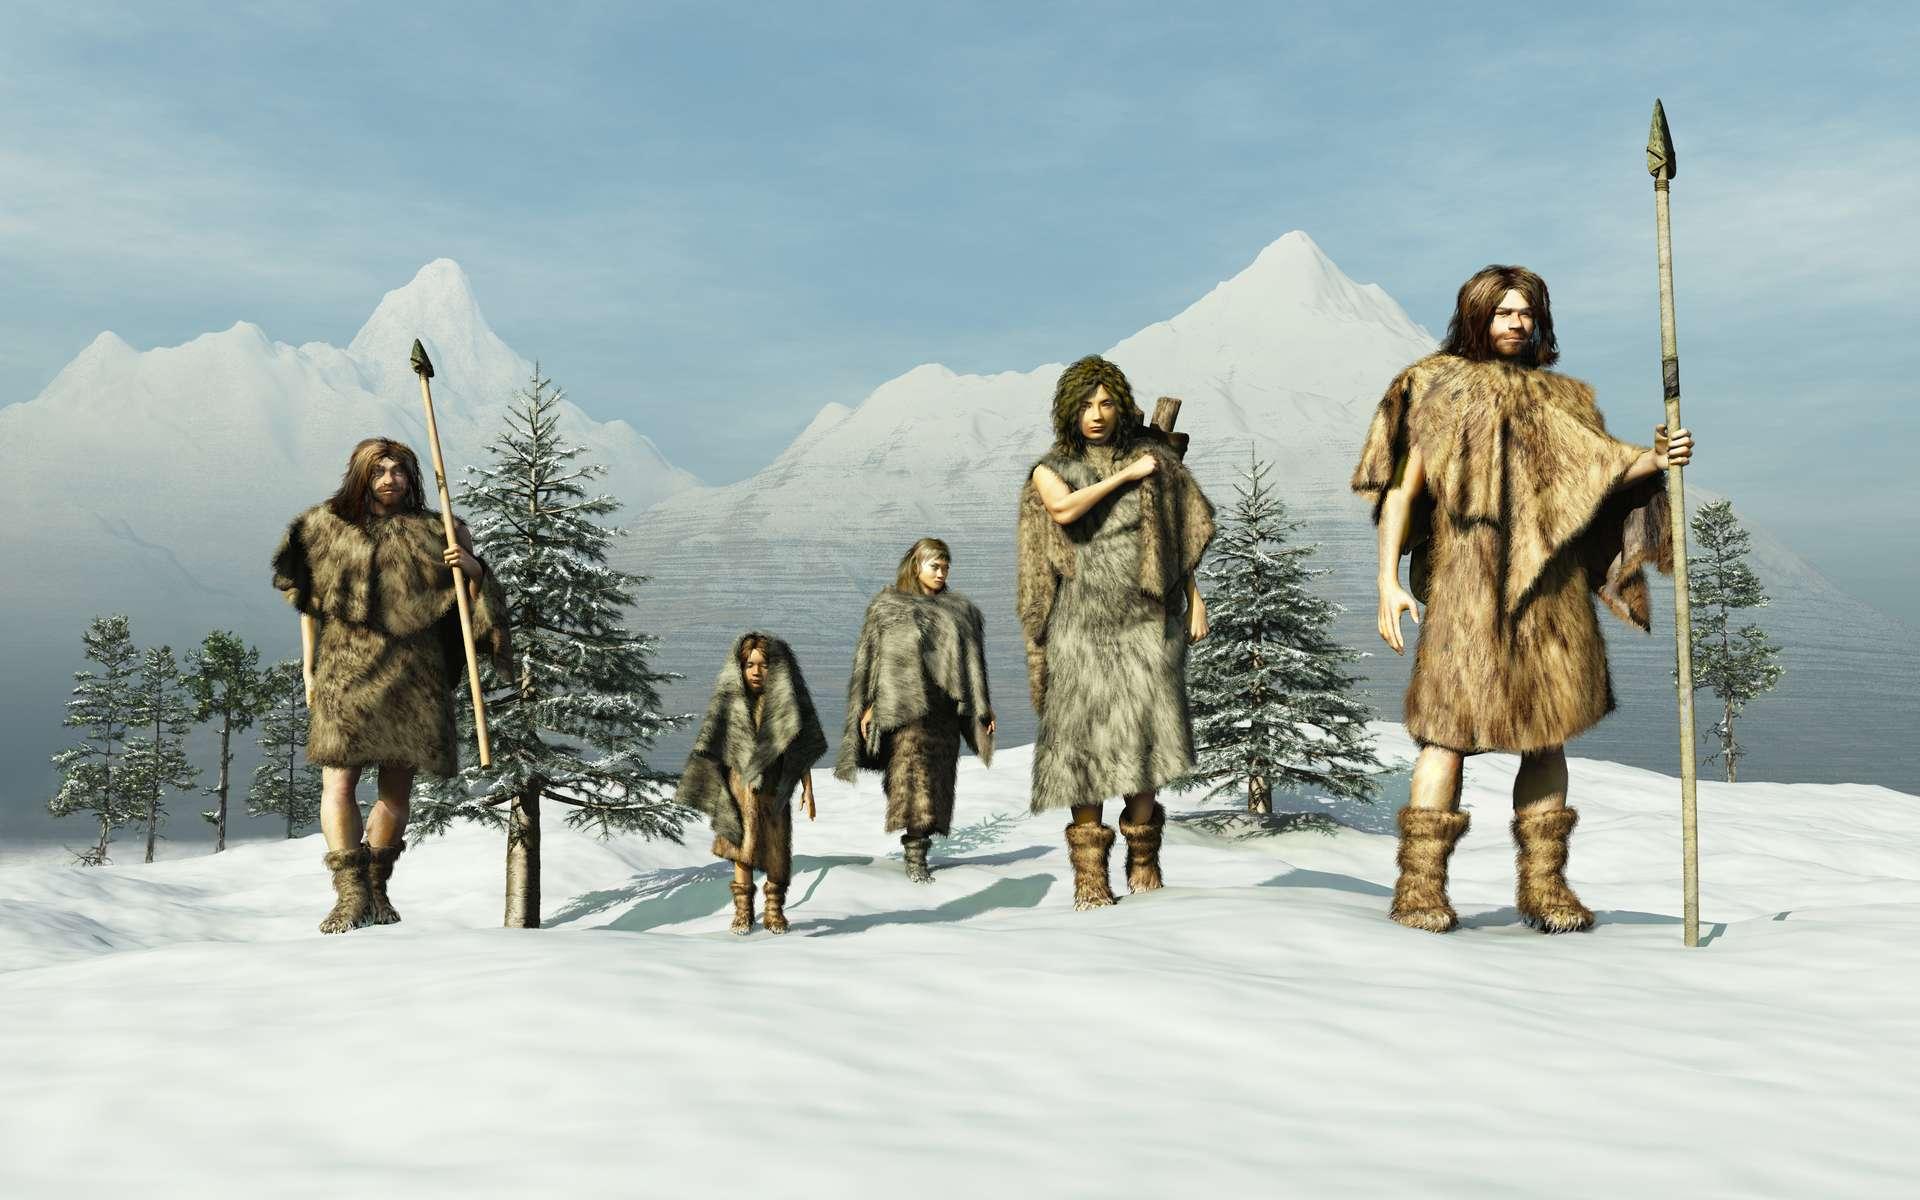 L'Homme moderne était présent en Amérique pendant le dernier maximum glaciaire. © Anibal, Adobe Stock